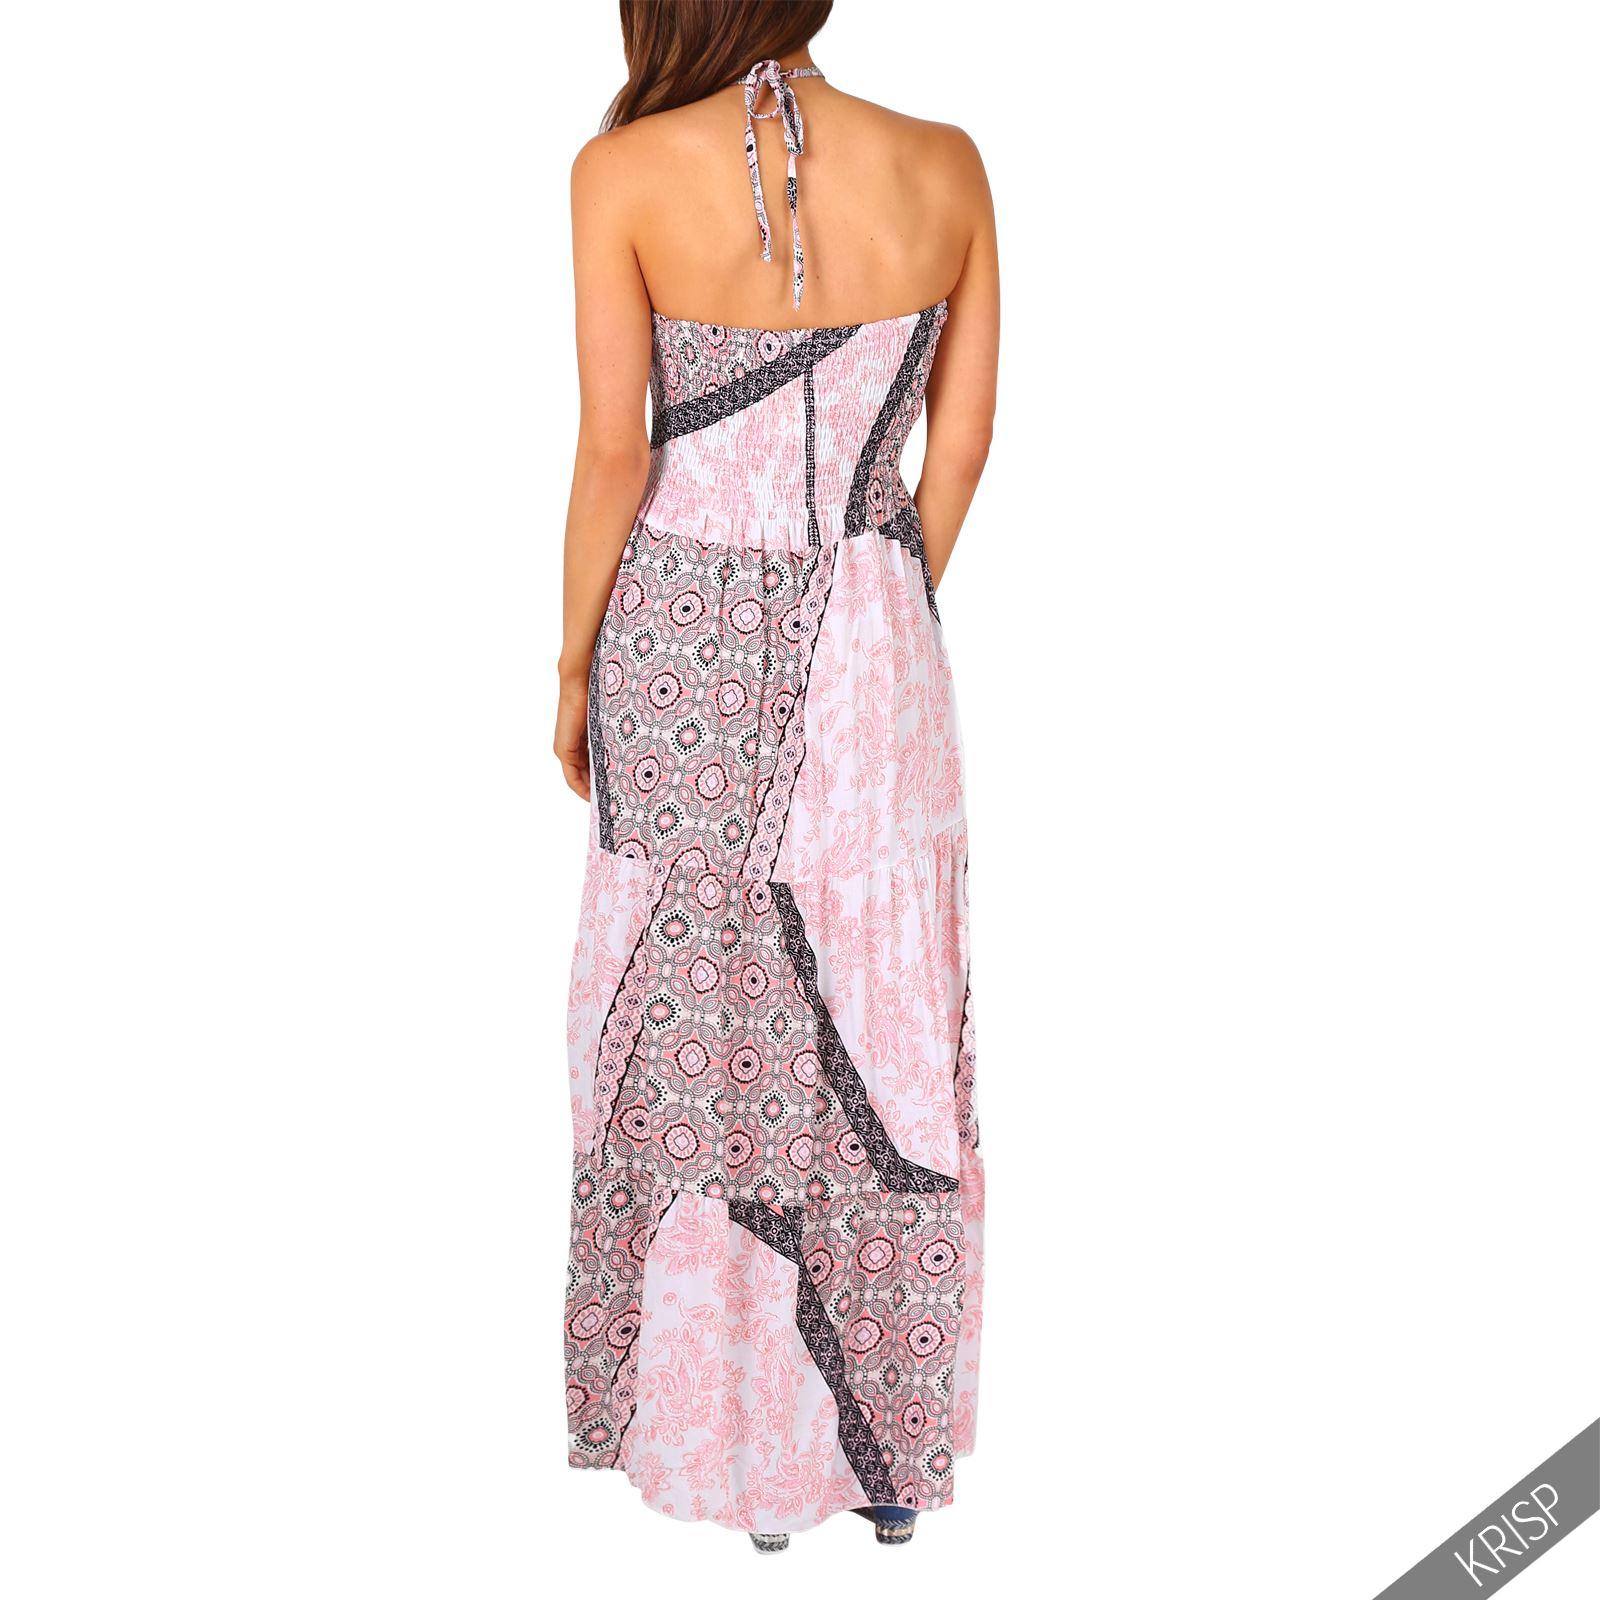 Damen Frauen Neckholder Patchwork Maxikleid Sommerkleid ...